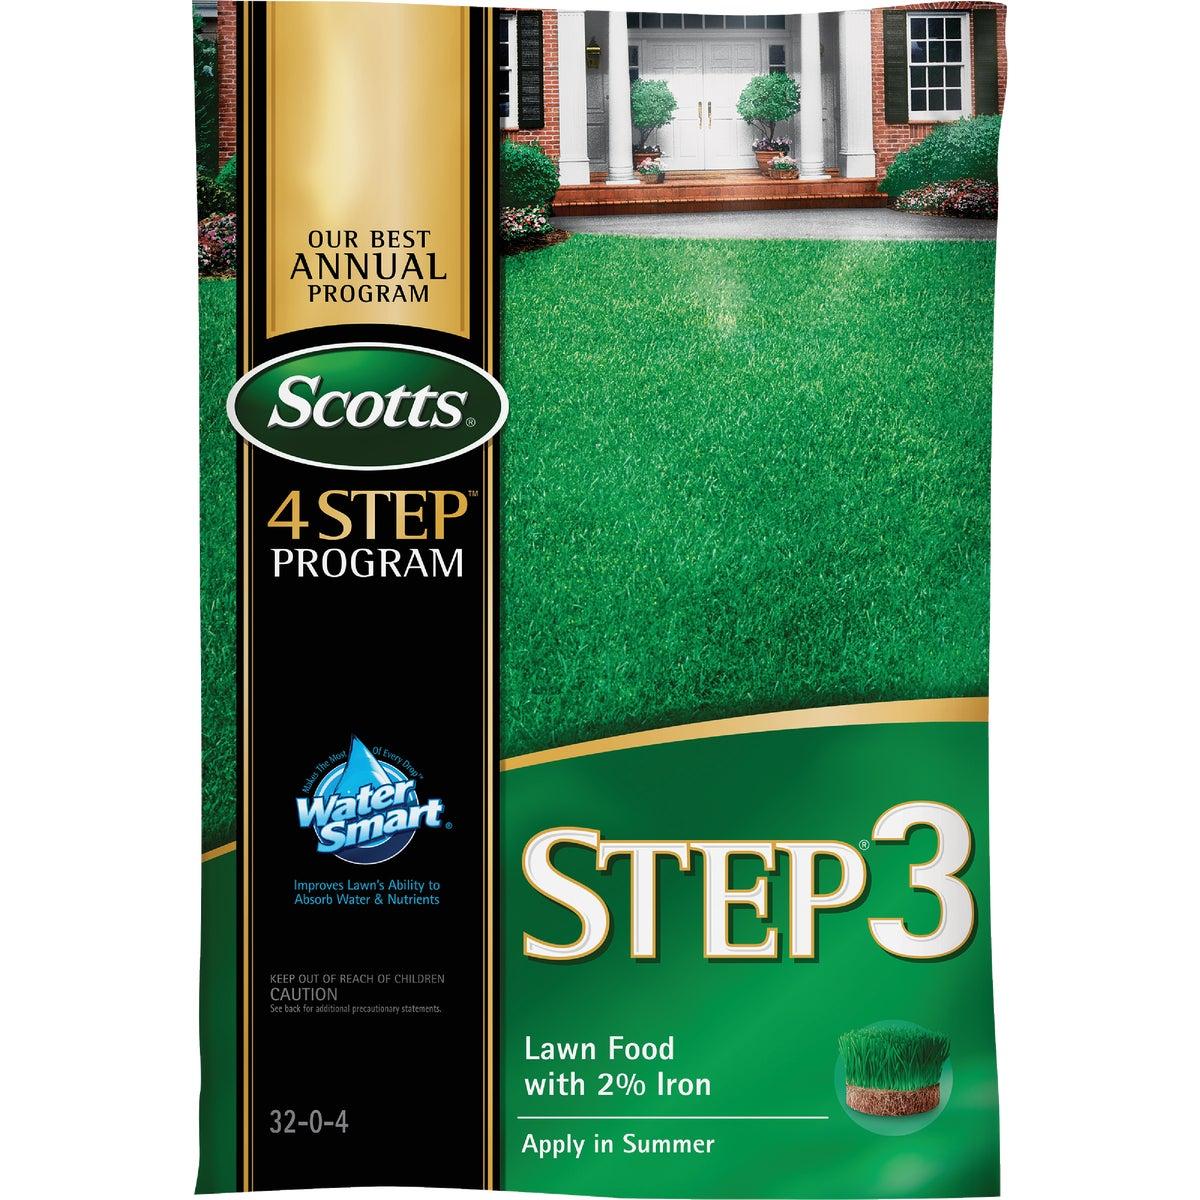 5M STEP 3 FERT + 2% IRON - 33040 by Scotts Company